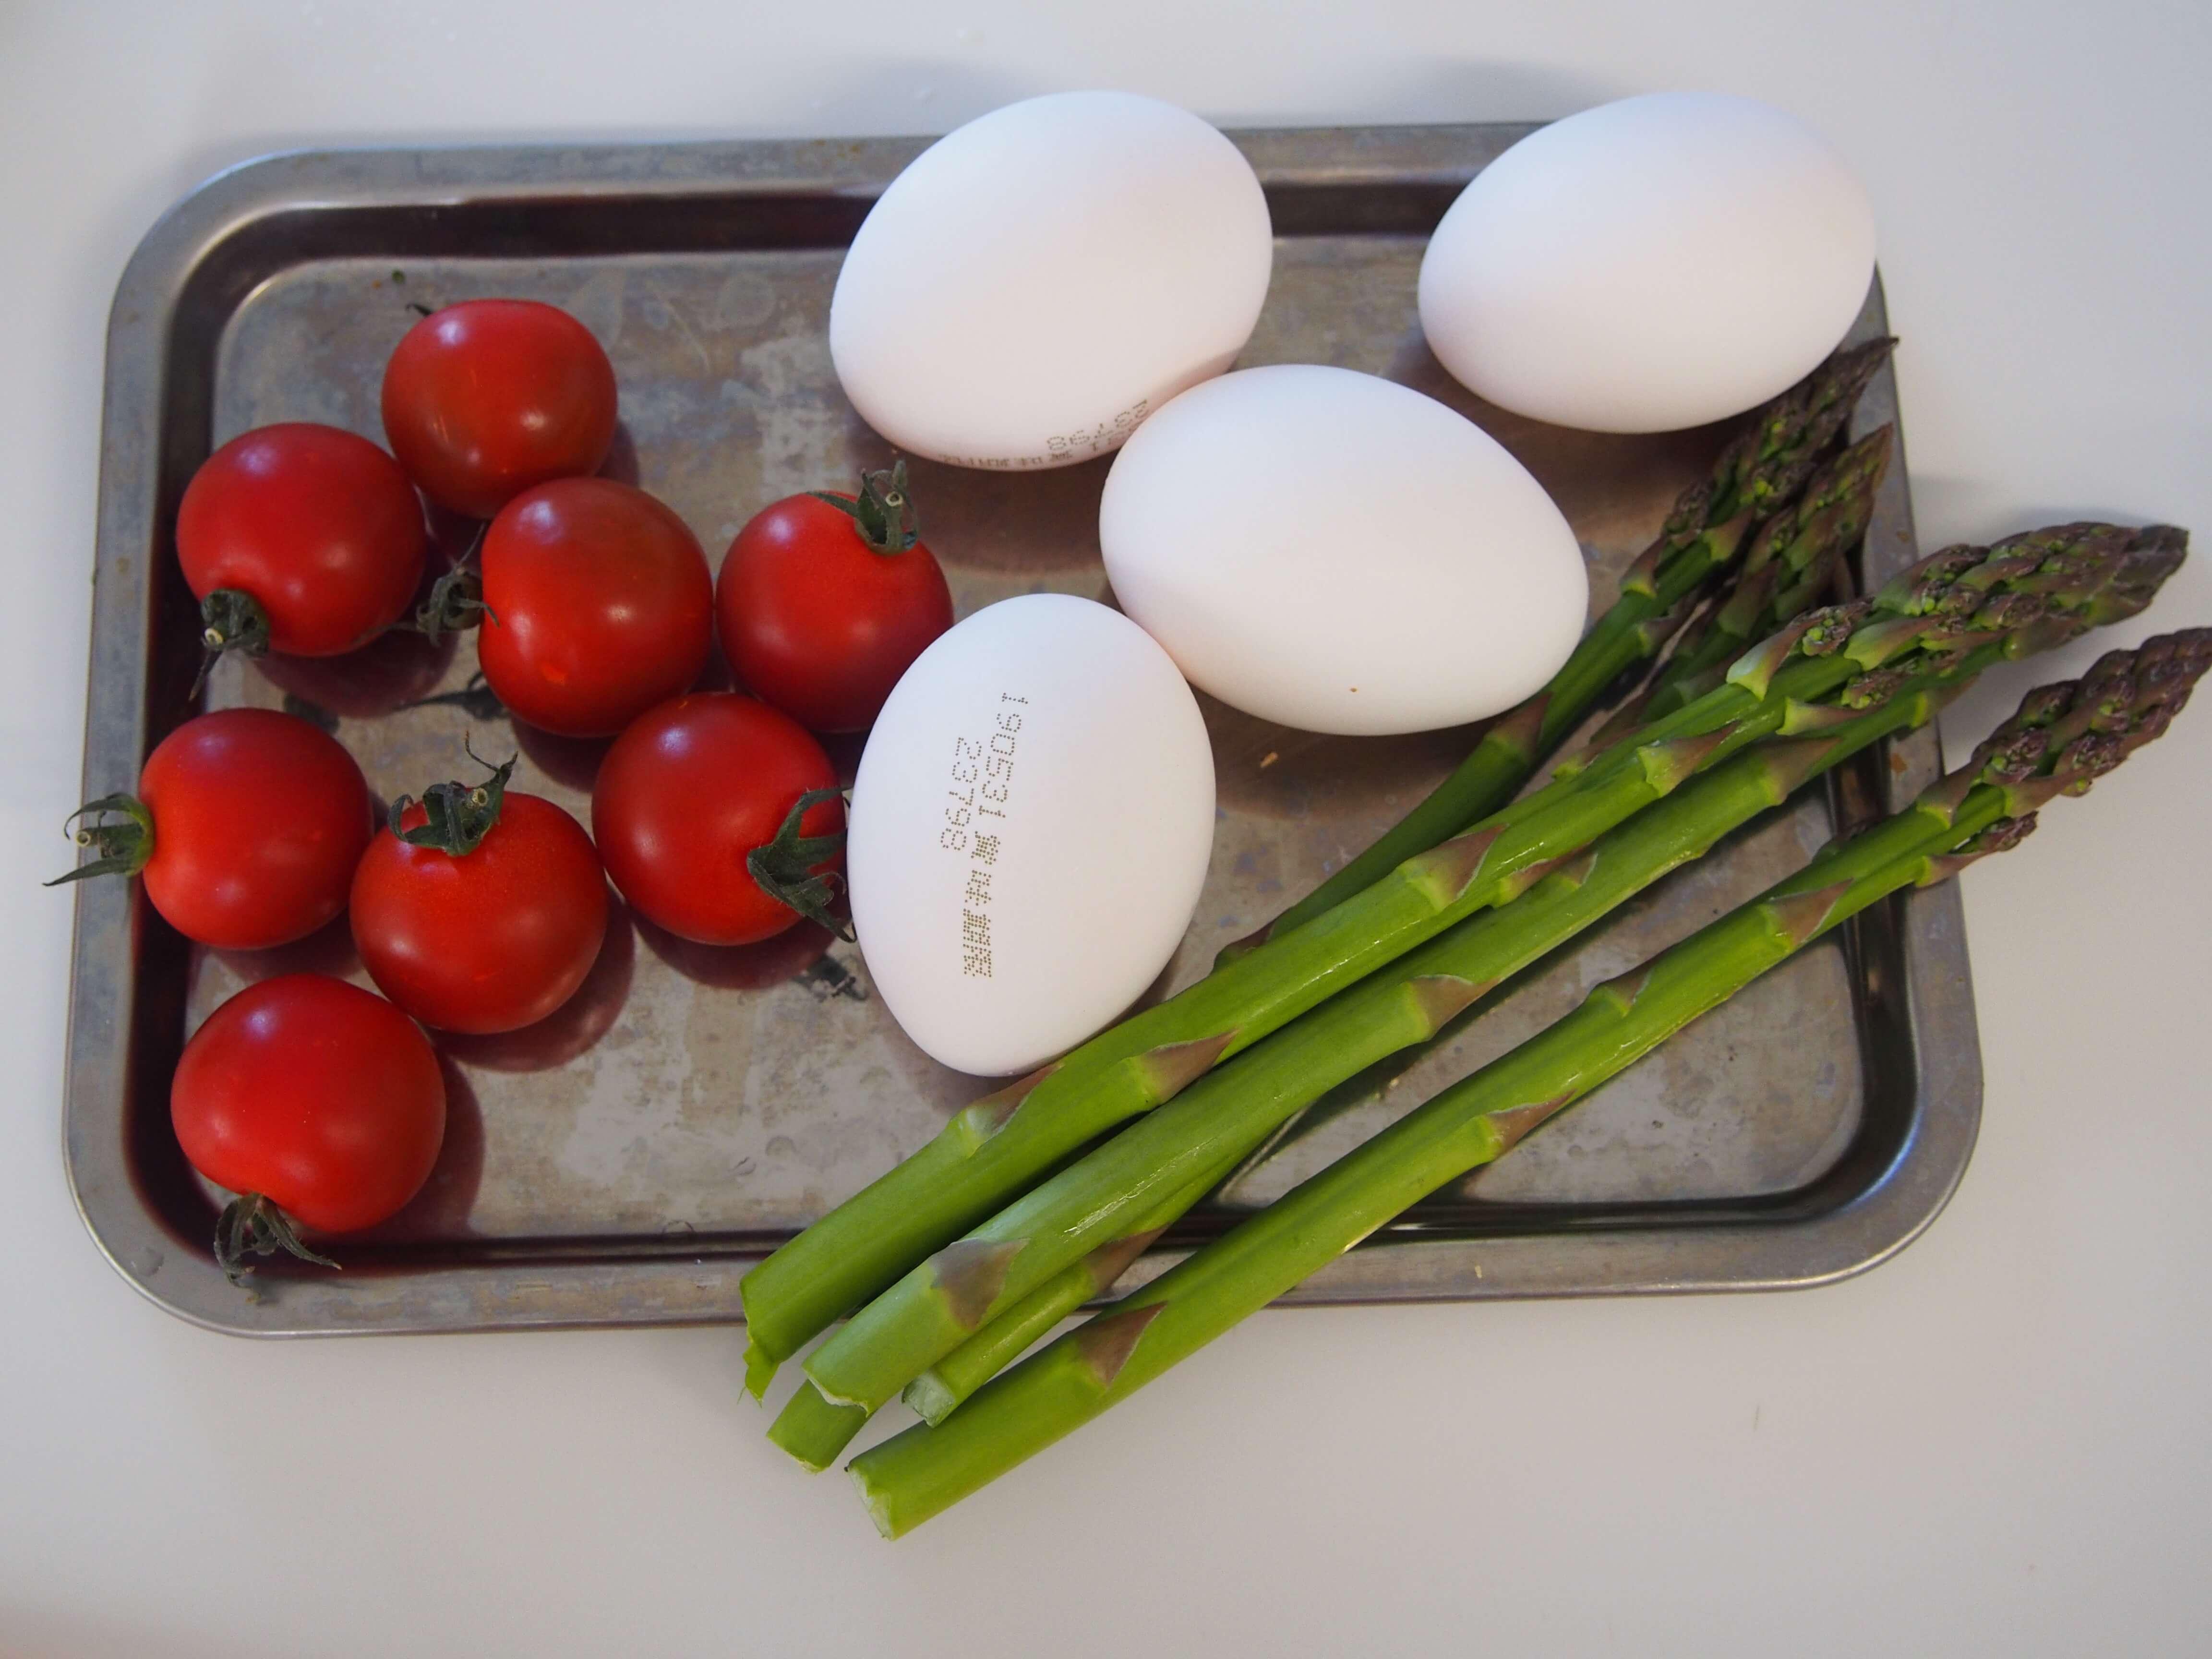 アスパラと卵トマトの炒め物 材料